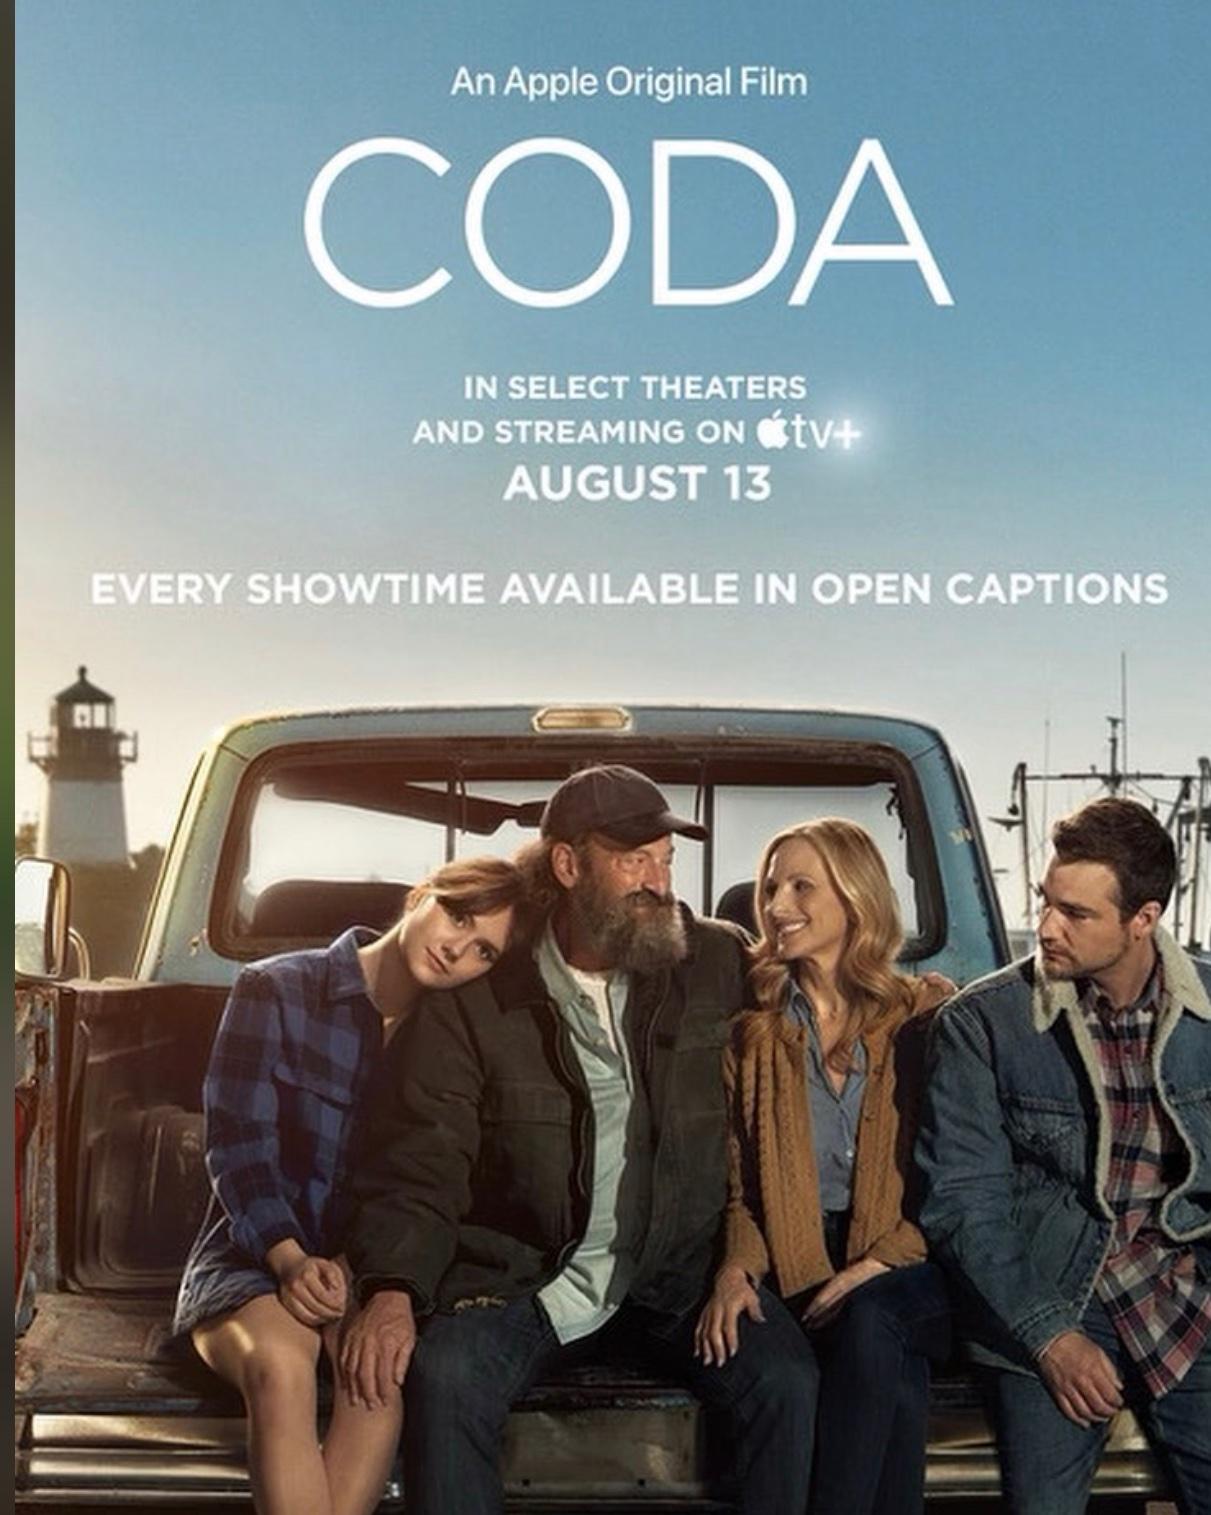 CODA Film